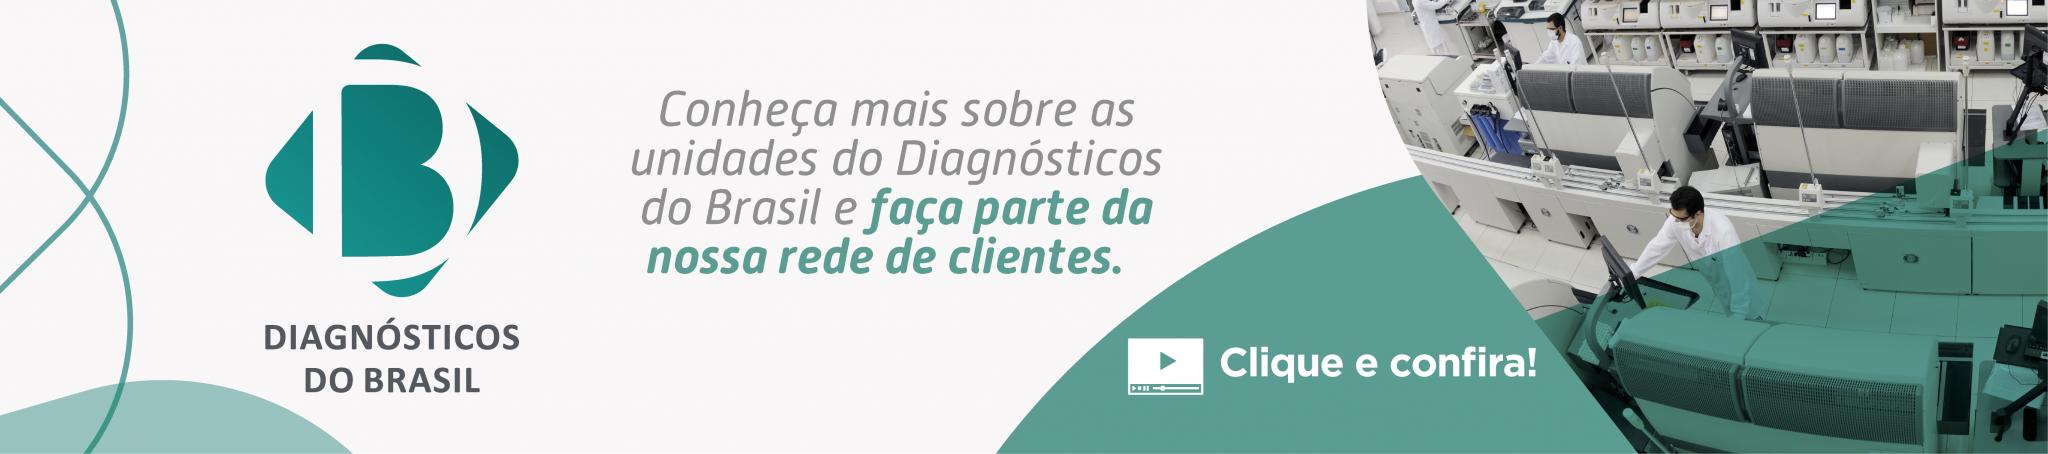 Conheça as unidades do Diagnósticos do Brasil – Vídeo Institucional